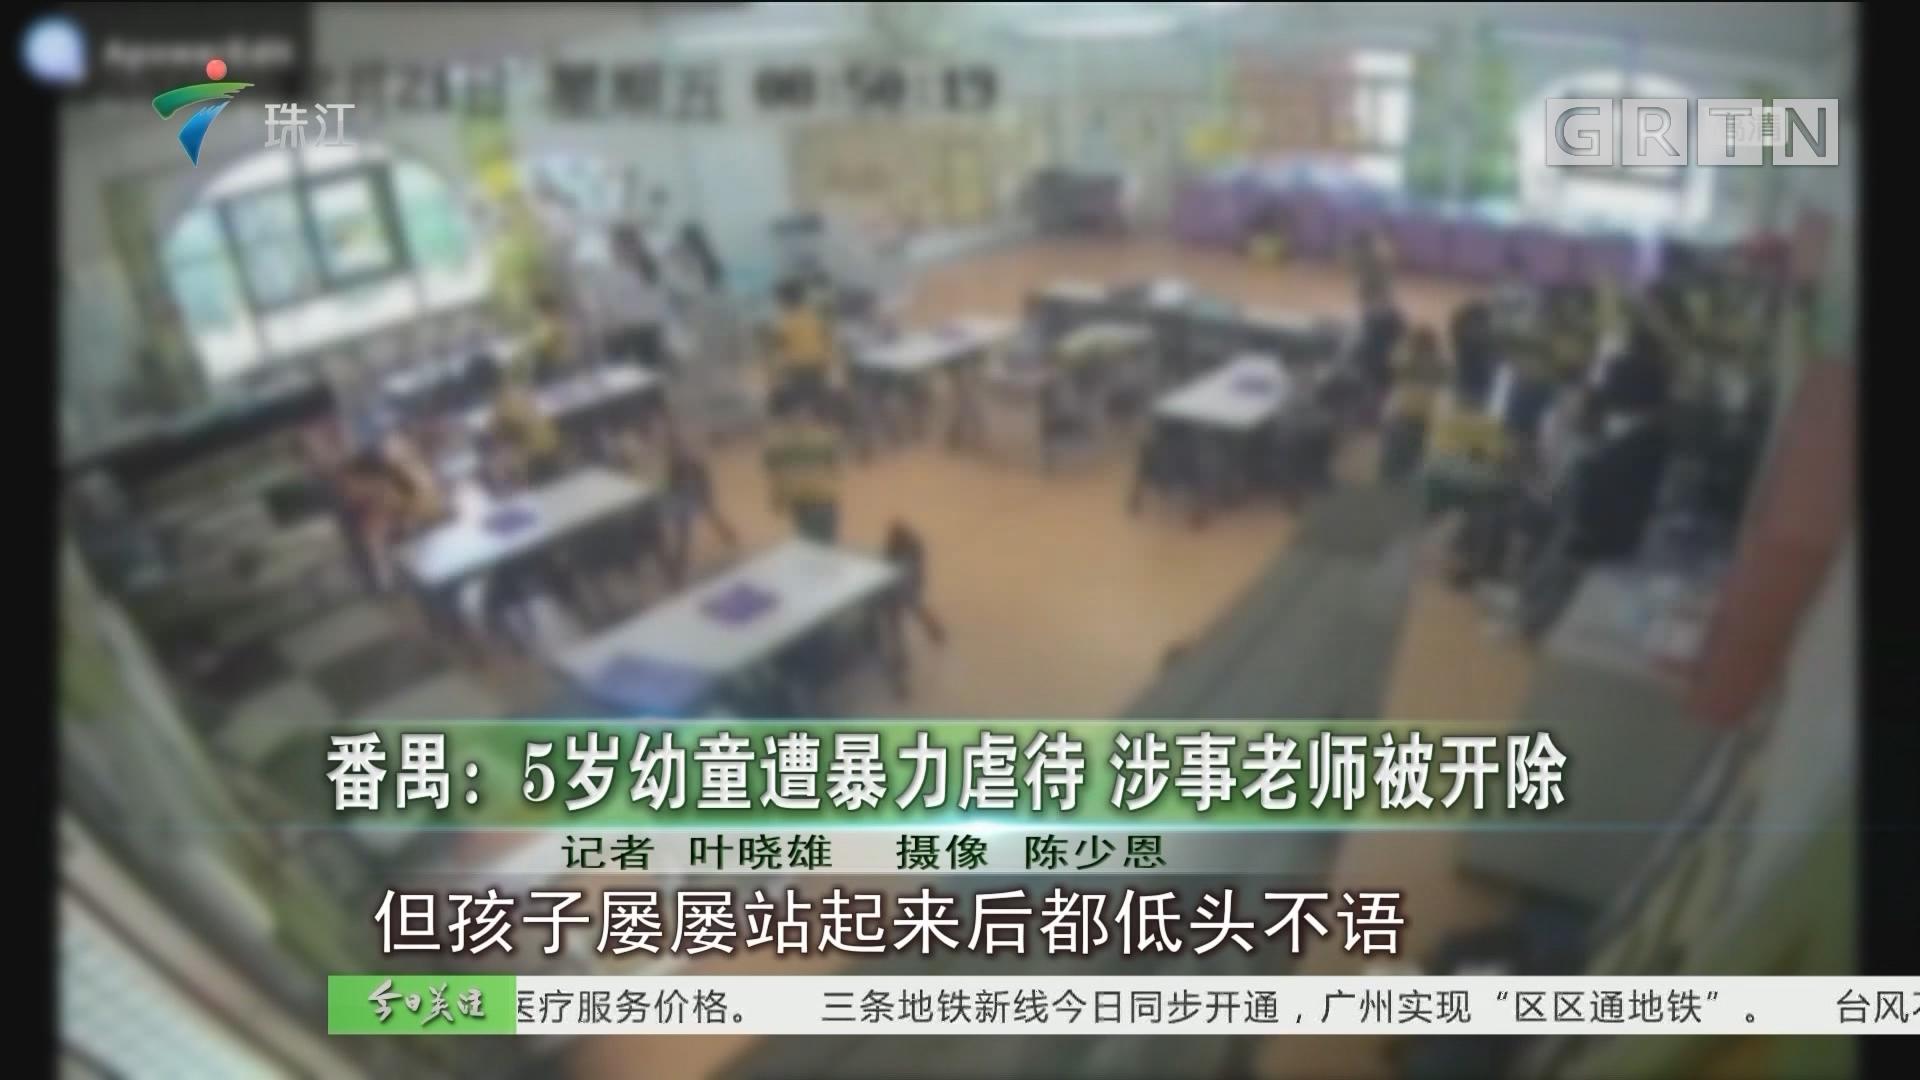 番禺:5岁幼童遭暴力虐待 涉事老师被开除